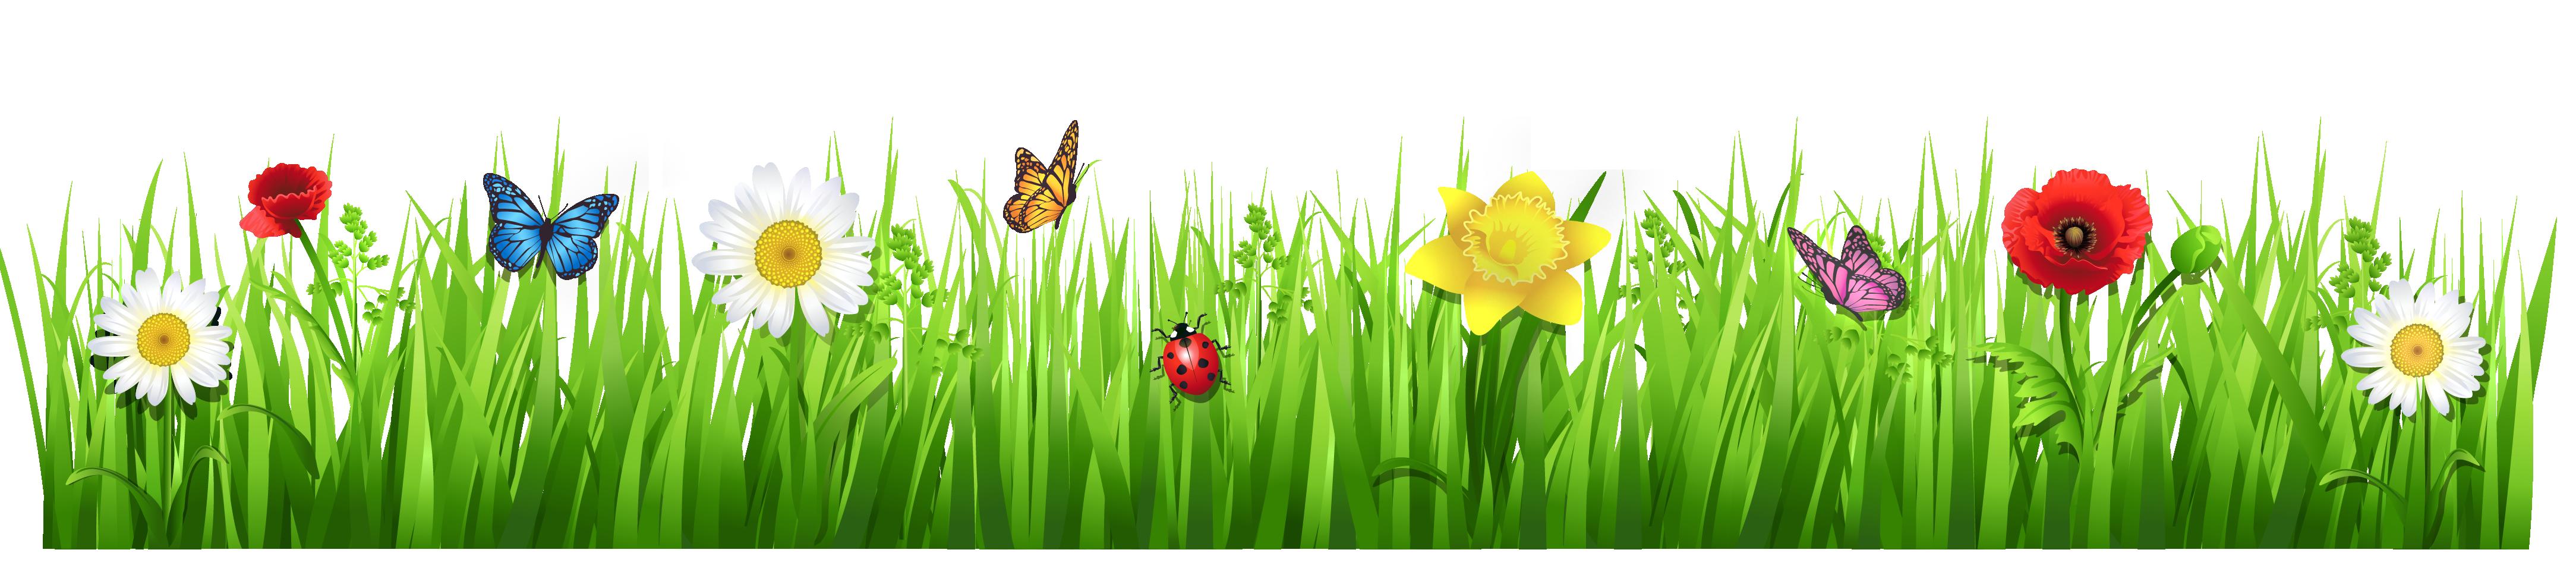 medium resolution of grass clip art 10966